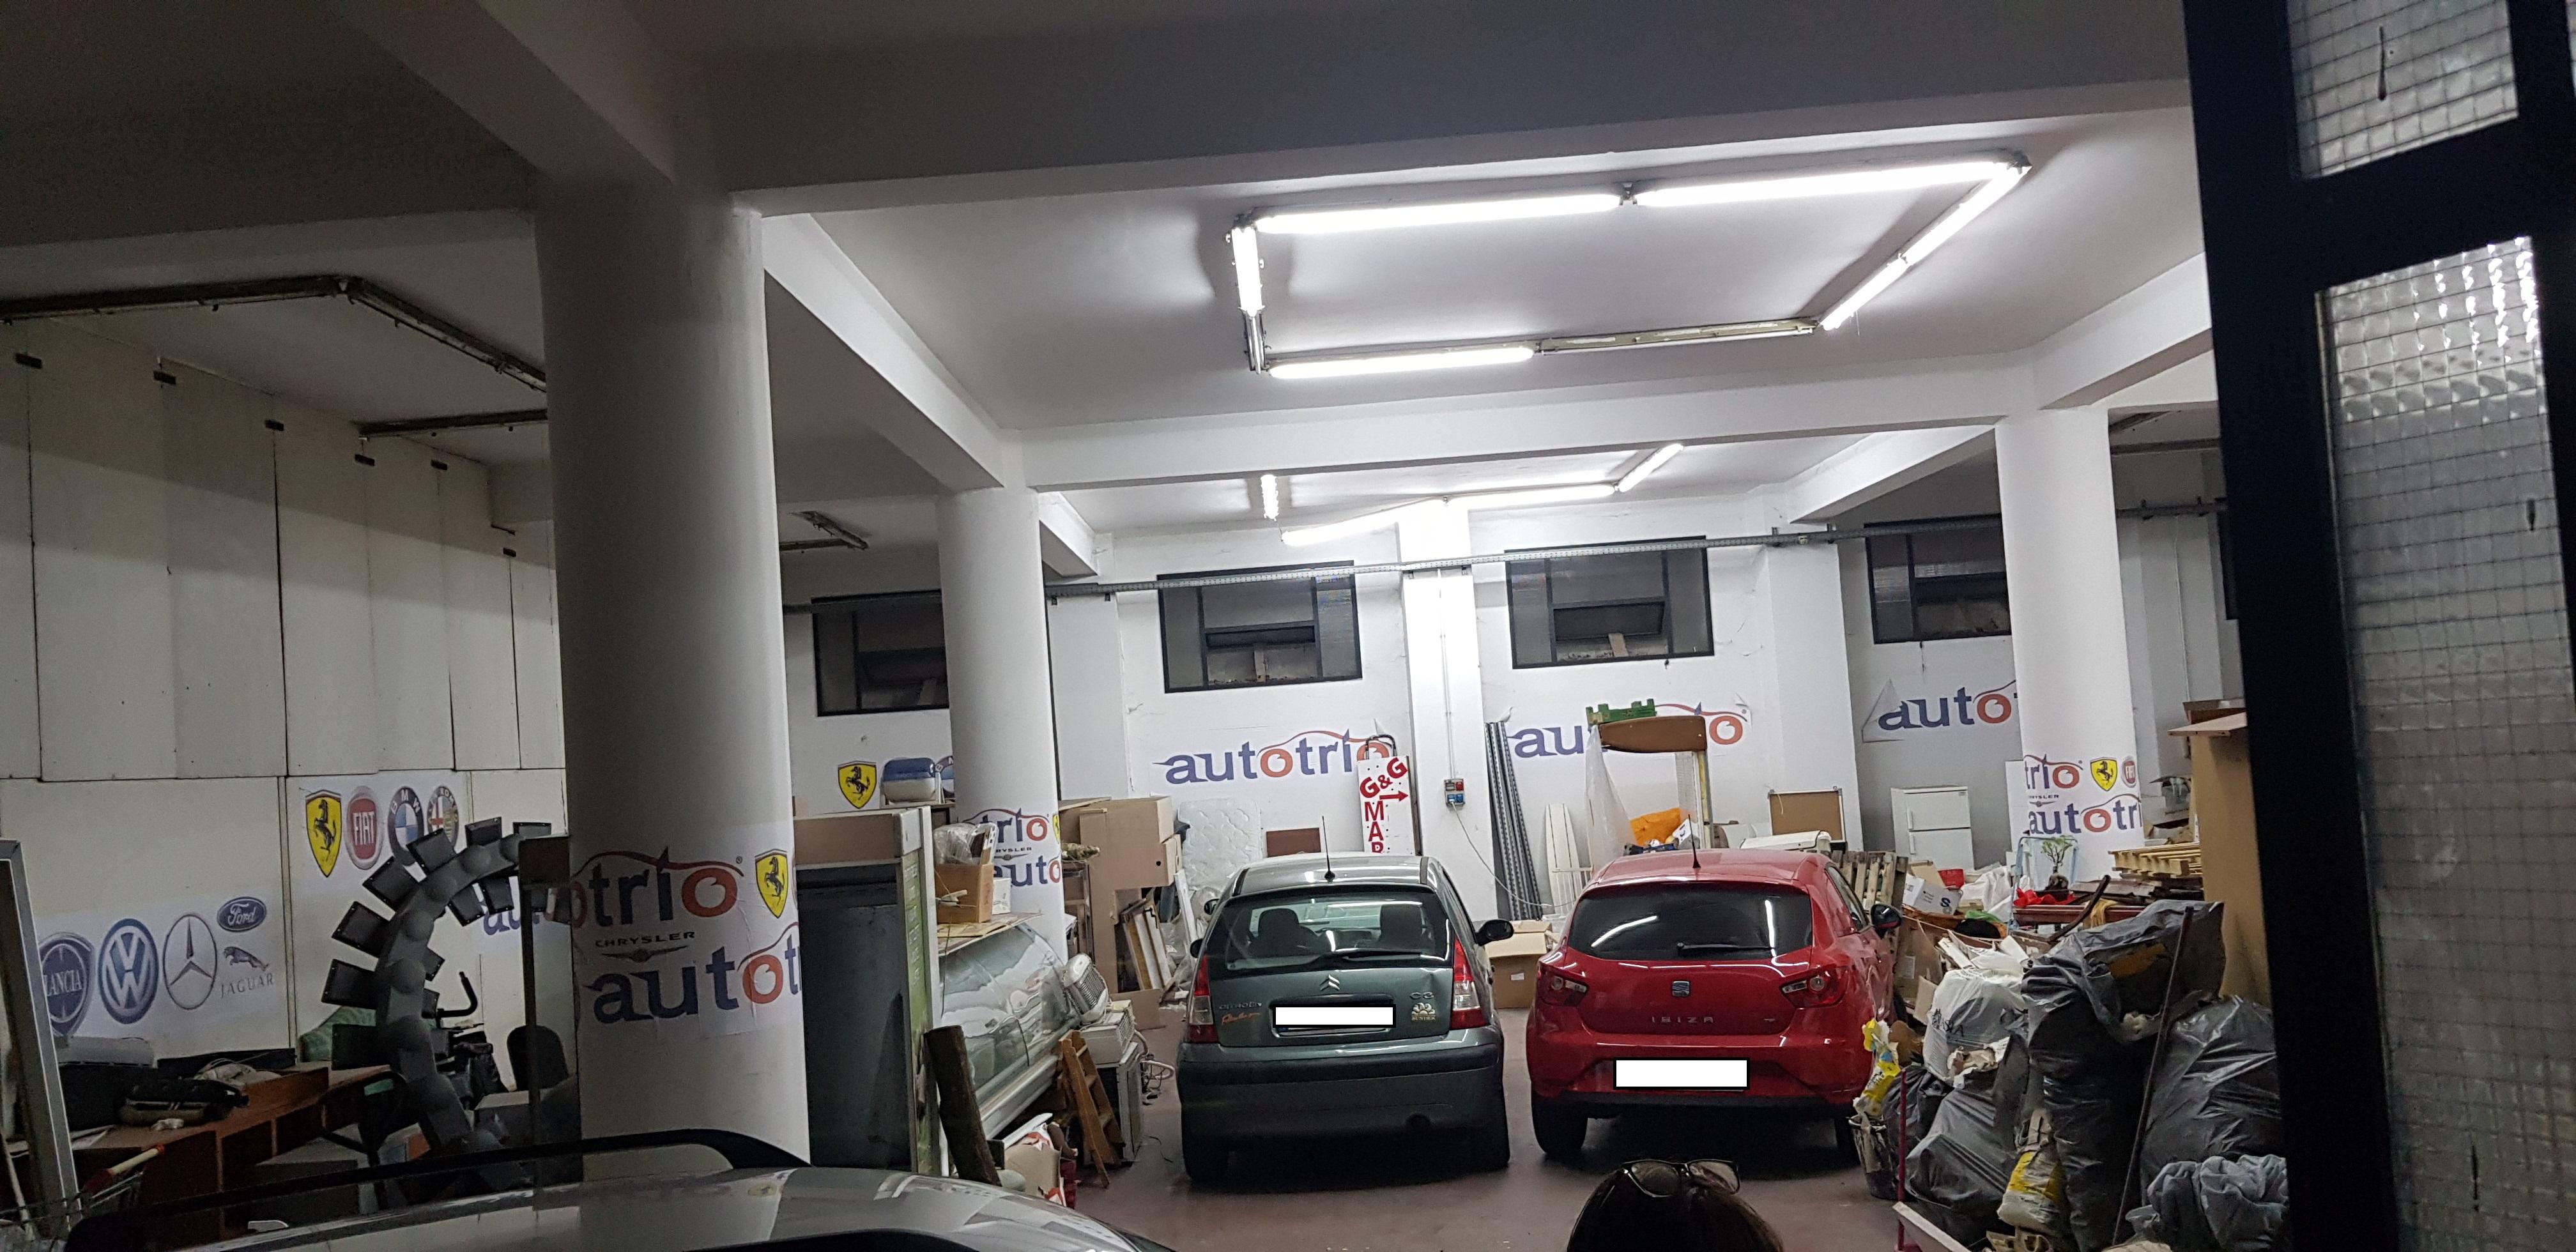 Locale deposito di 500 mq ad Avellino